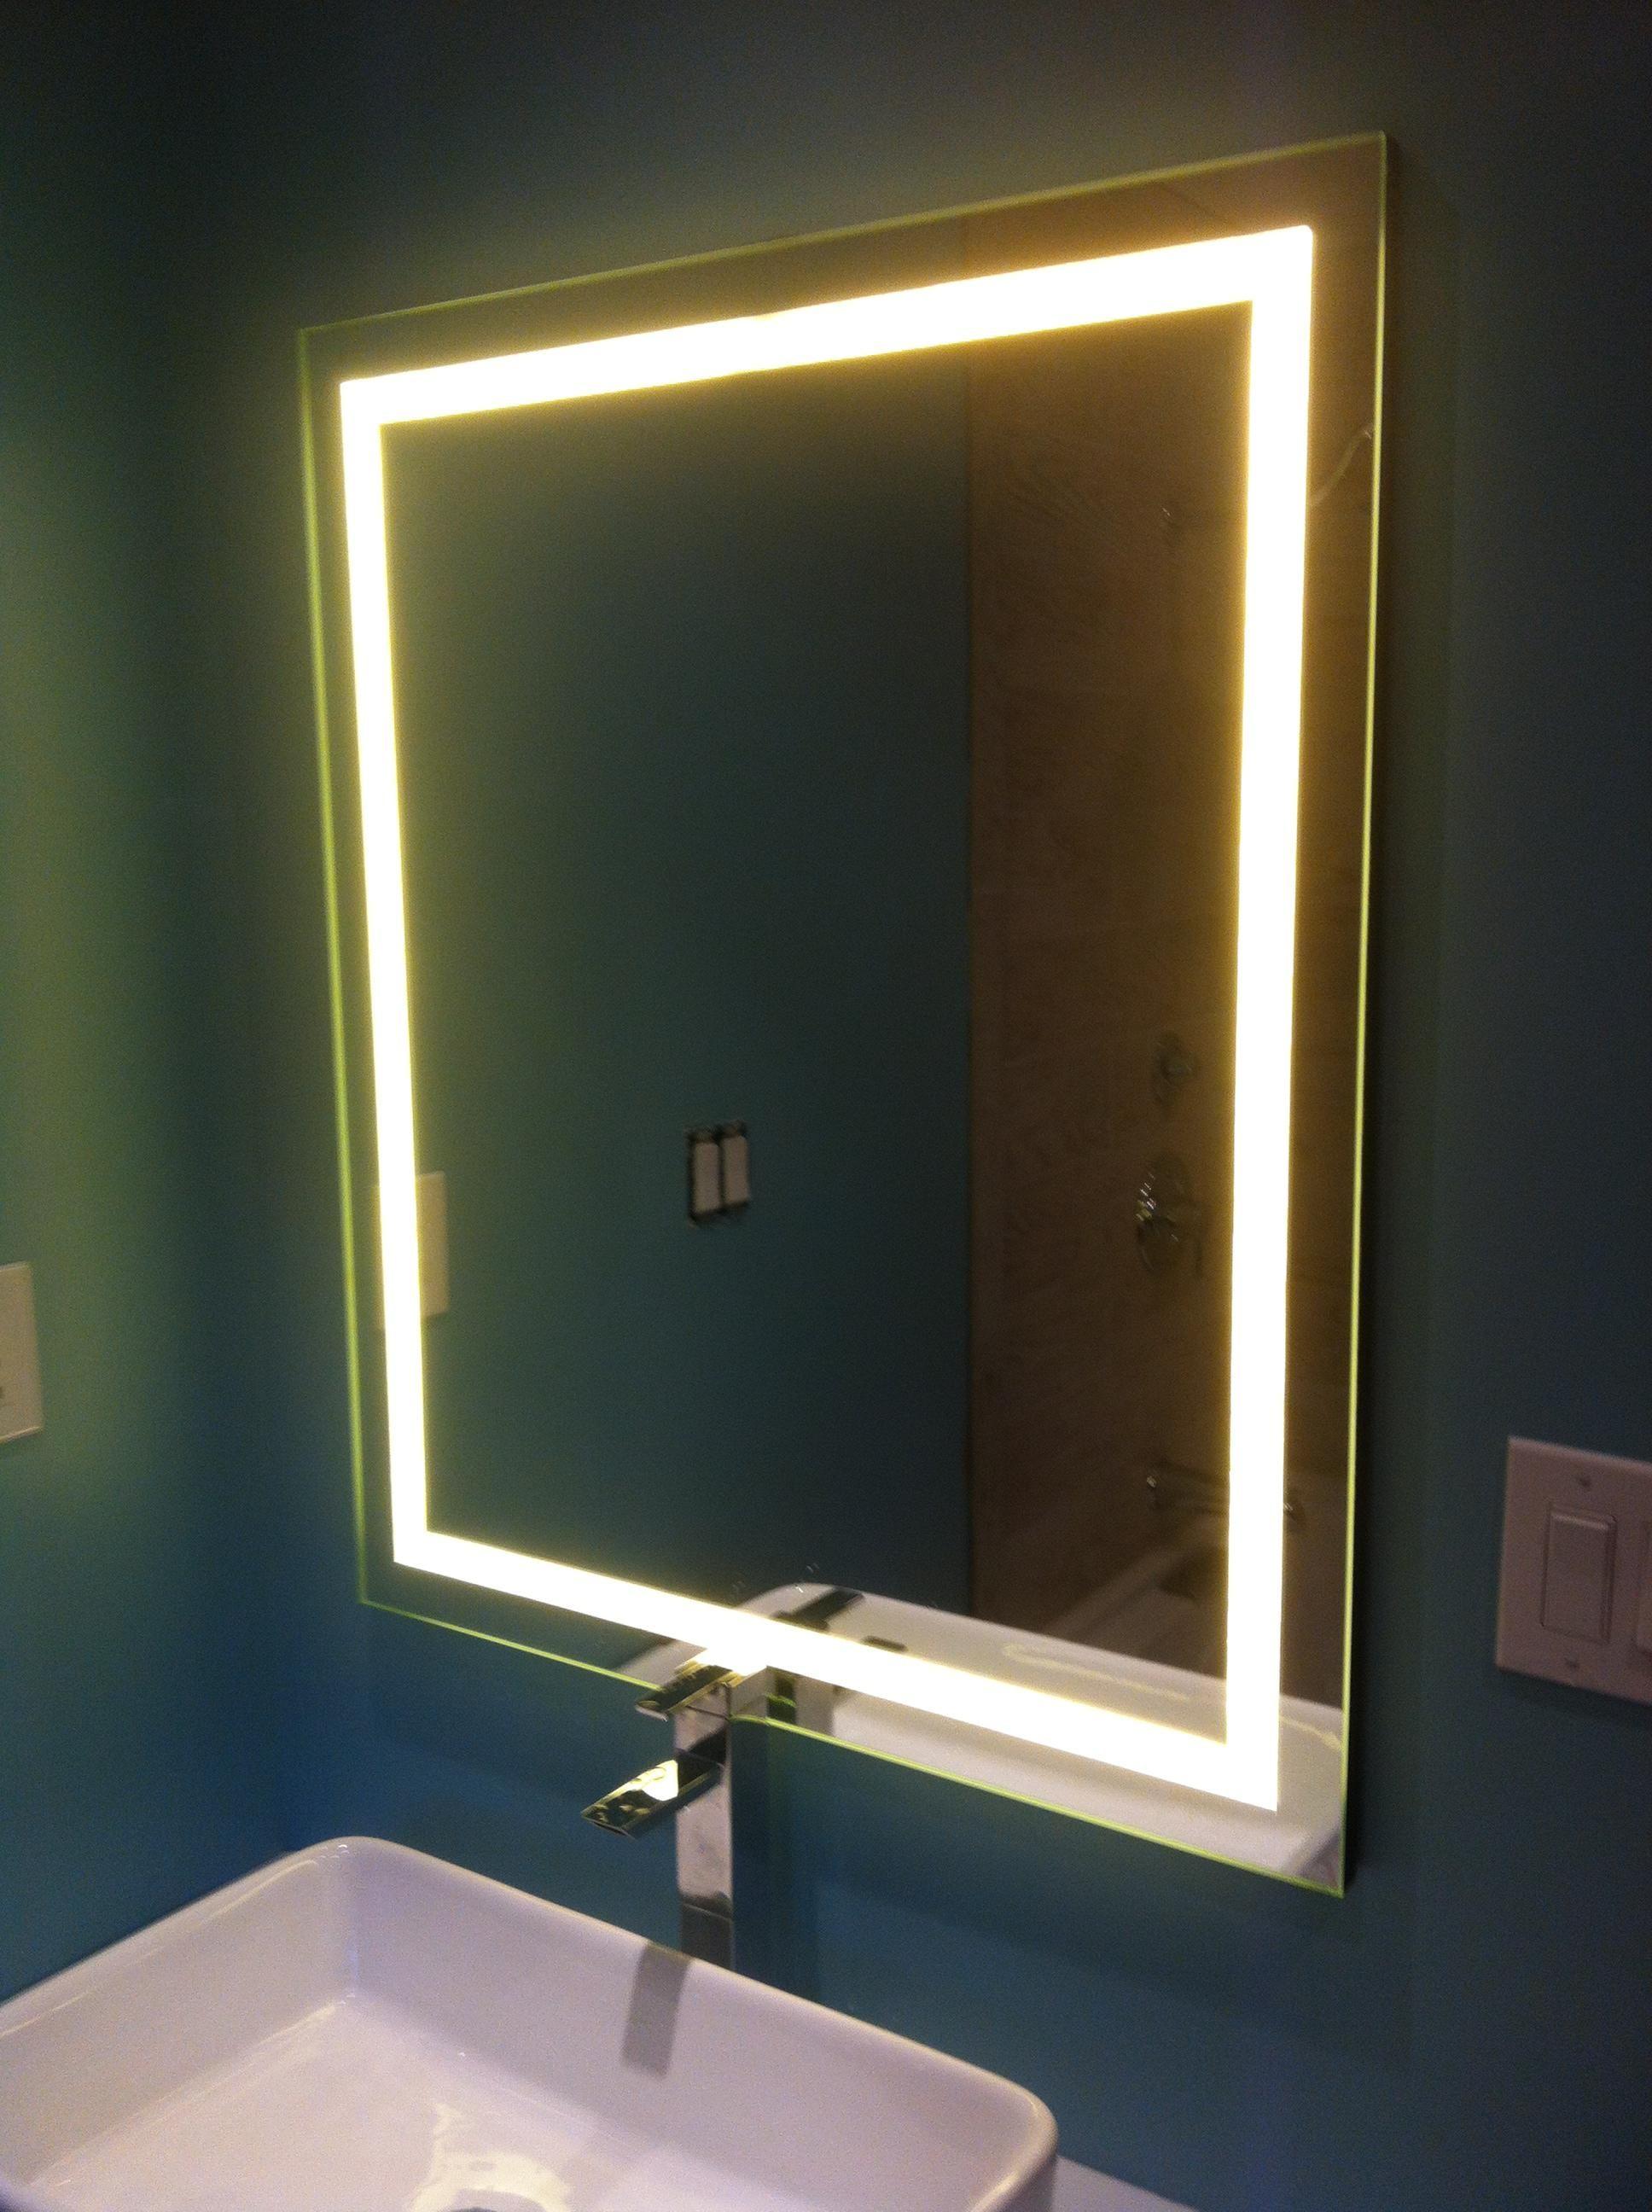 Как сделать светодиодную подсветку своими руками на зеркало фото 380